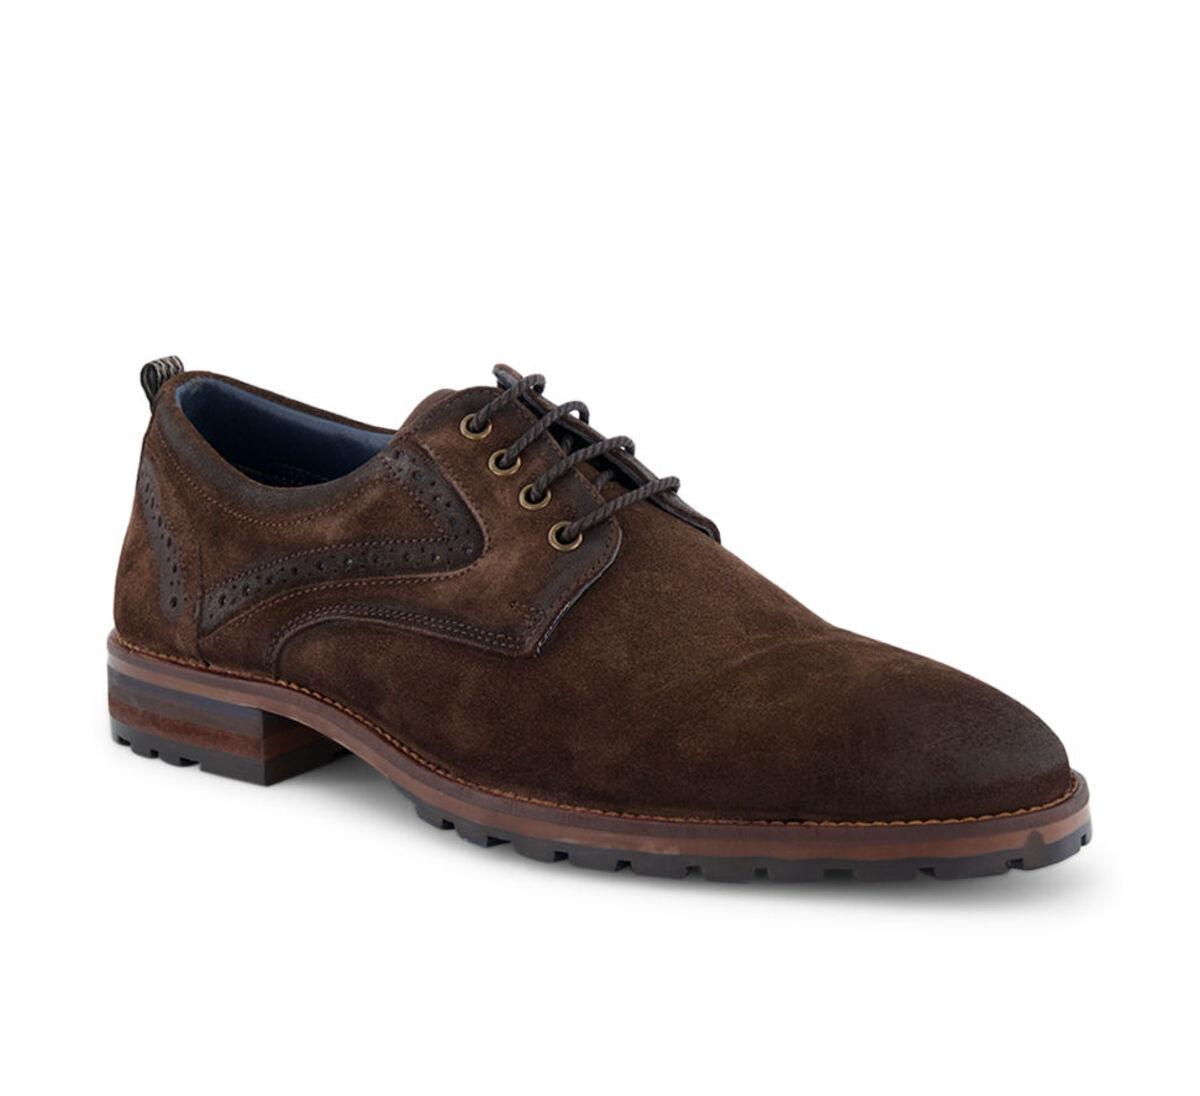 Bild 1 von Varese Business-Schuh